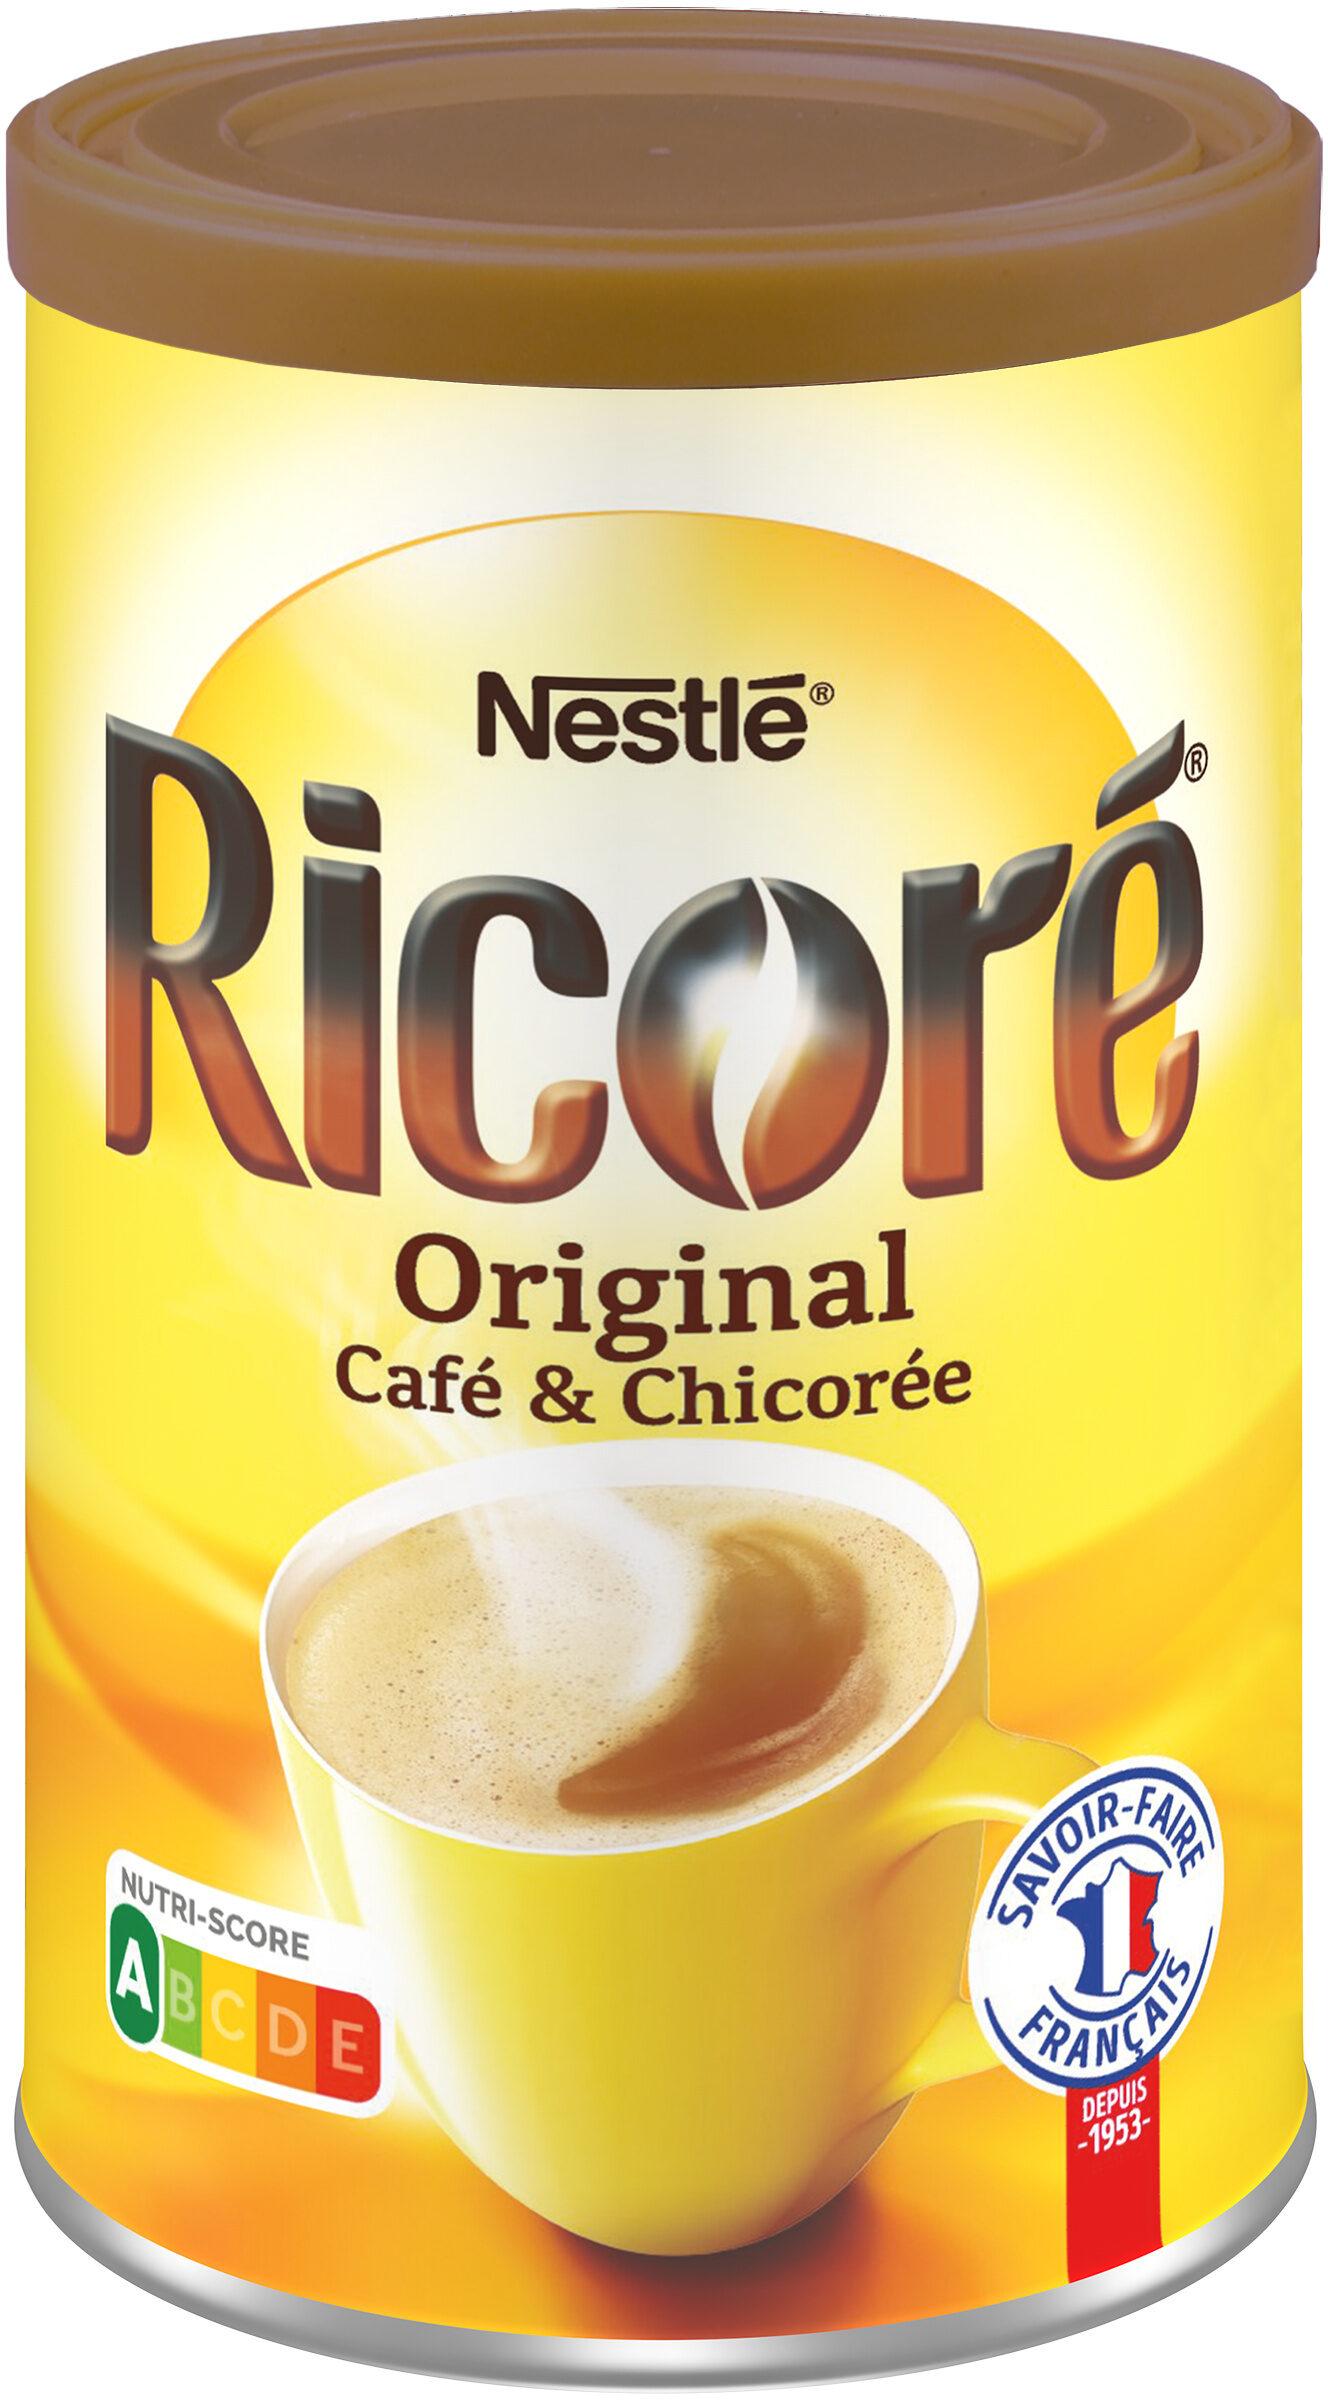 RICORE Original - Prodotto - fr